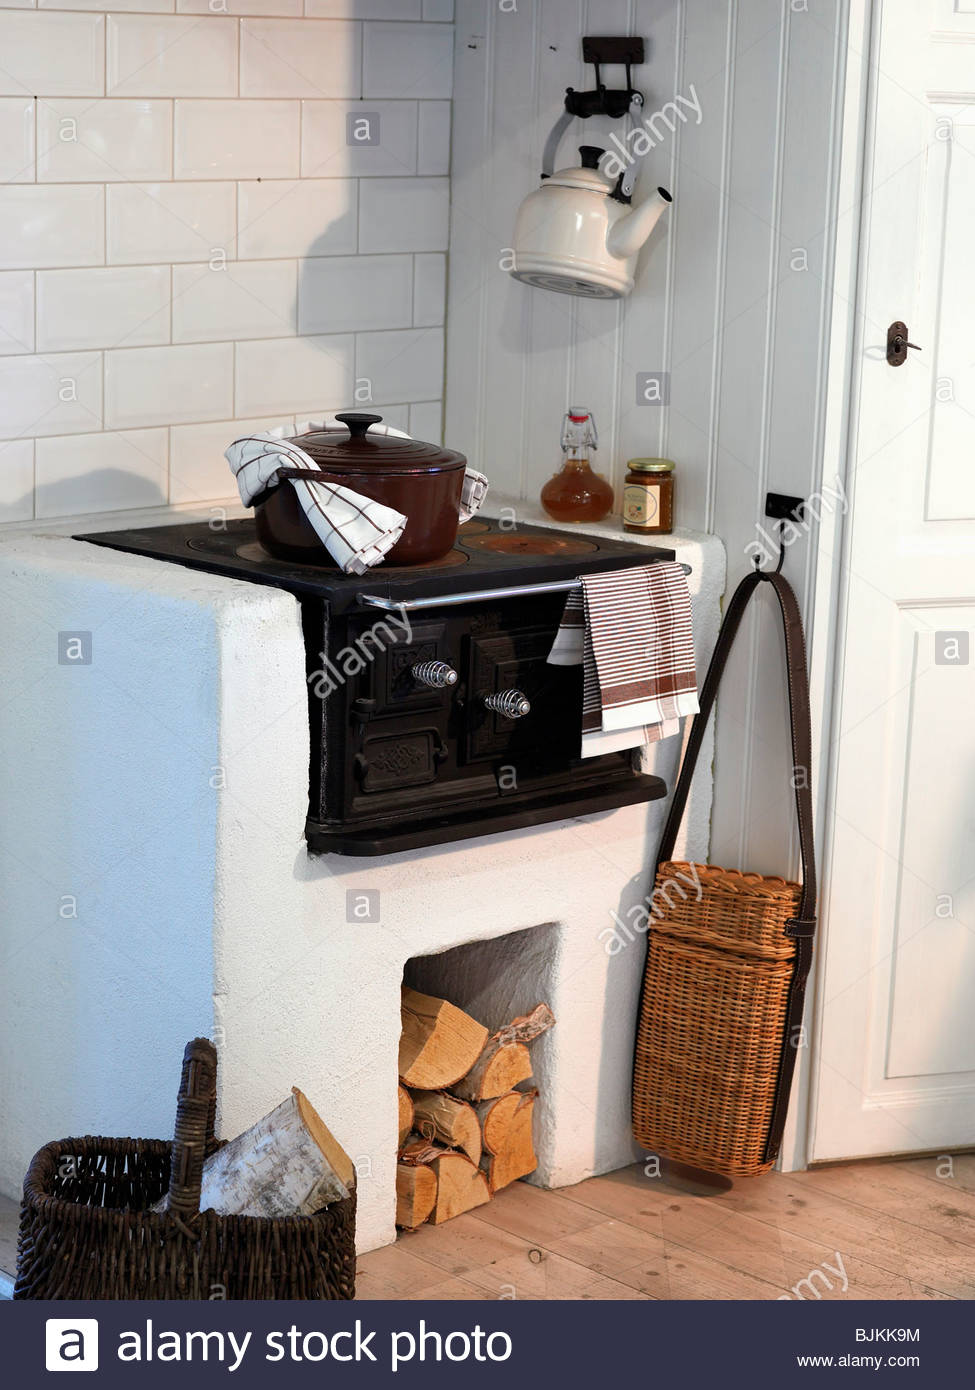 Holzofen in der Küche Stockfoto, Bild: 28706432 - Alamy